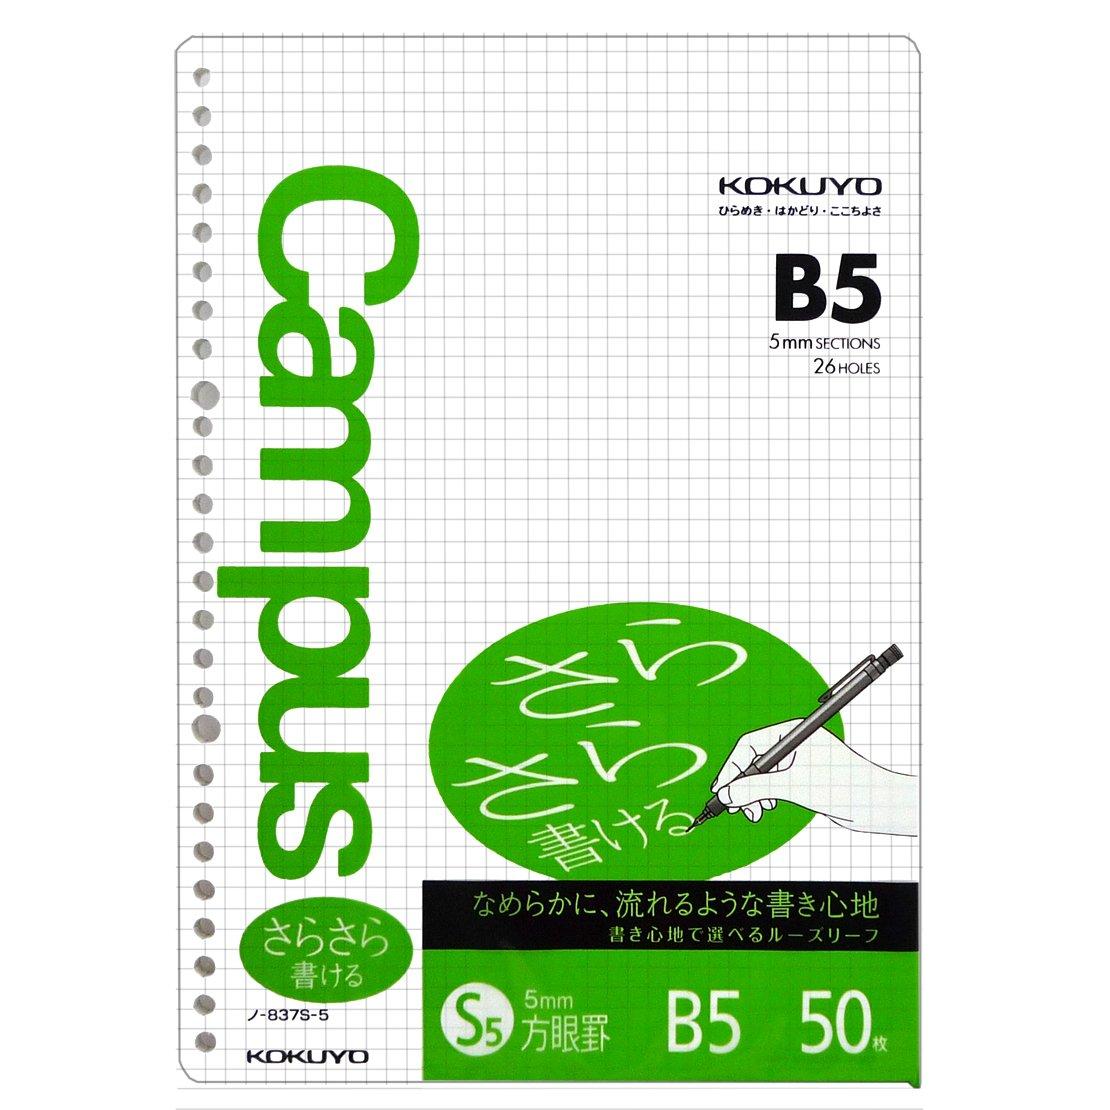 Kokuyo B55mm Grille ligné 50feuilles Peut écrire Campus Feuilles mobiles Bruissant Bruno -837s-5par B. Toys ノ-837S-5